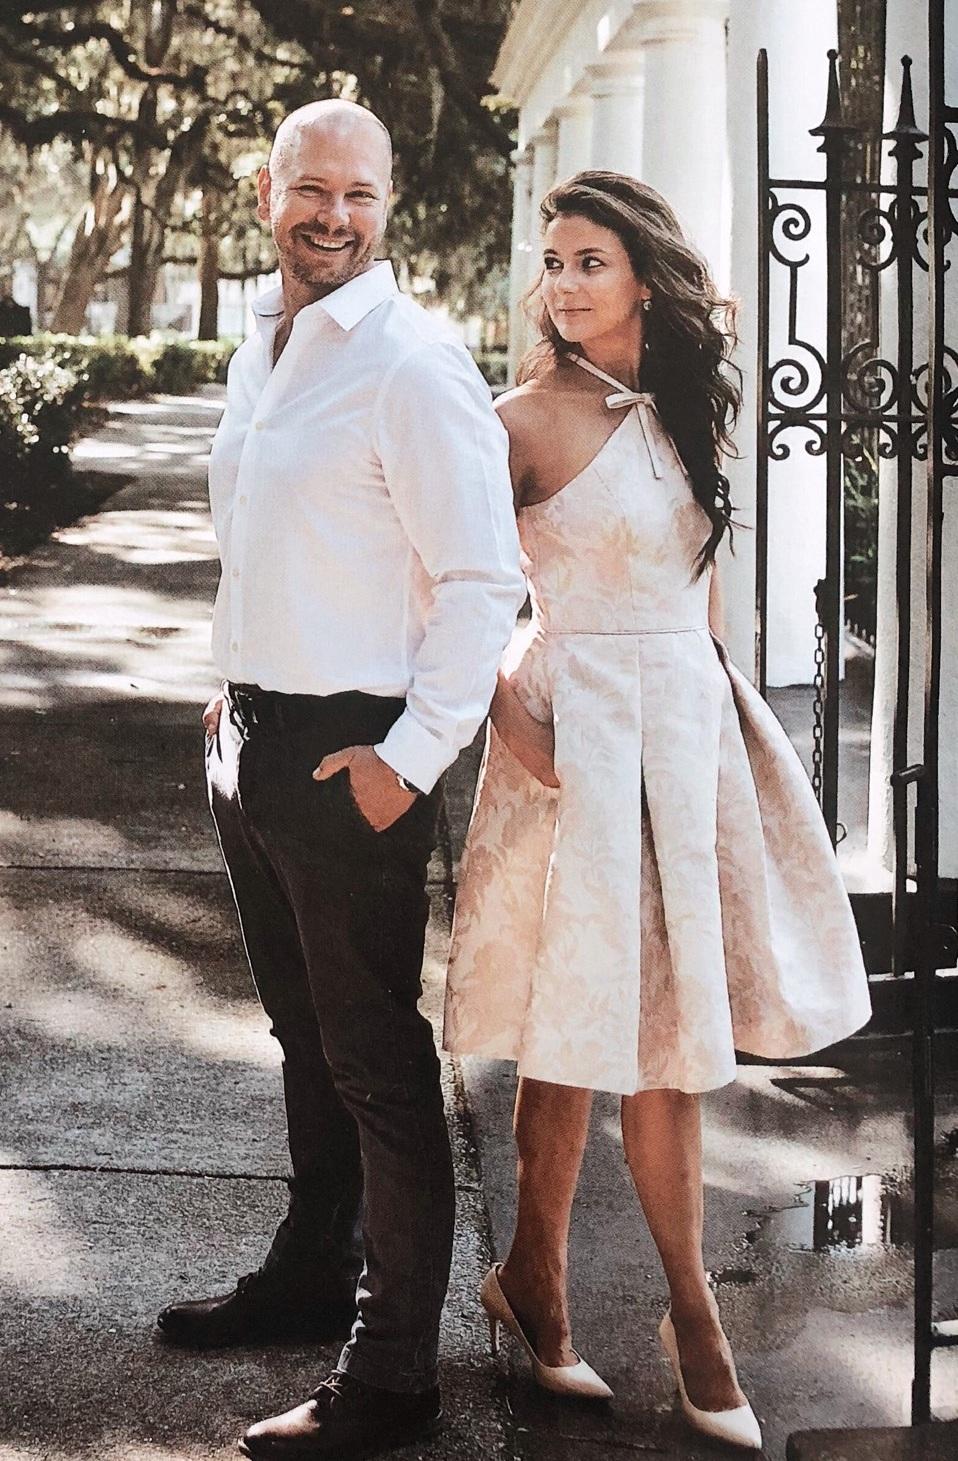 T.C. & Brenna Michaels